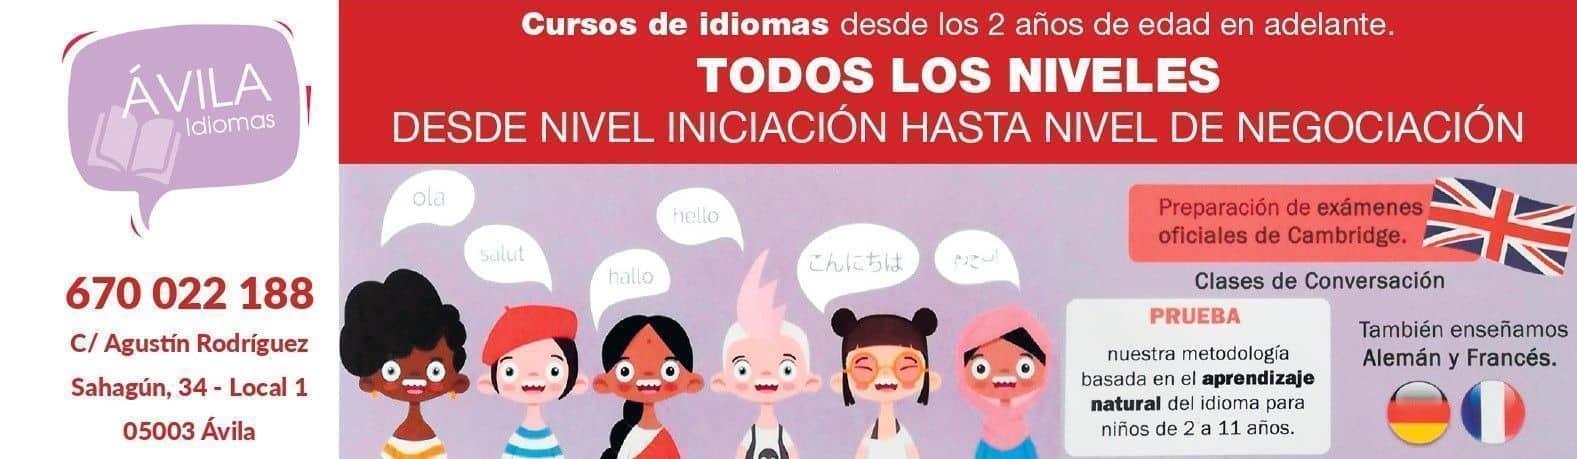 Ávila Idiomas